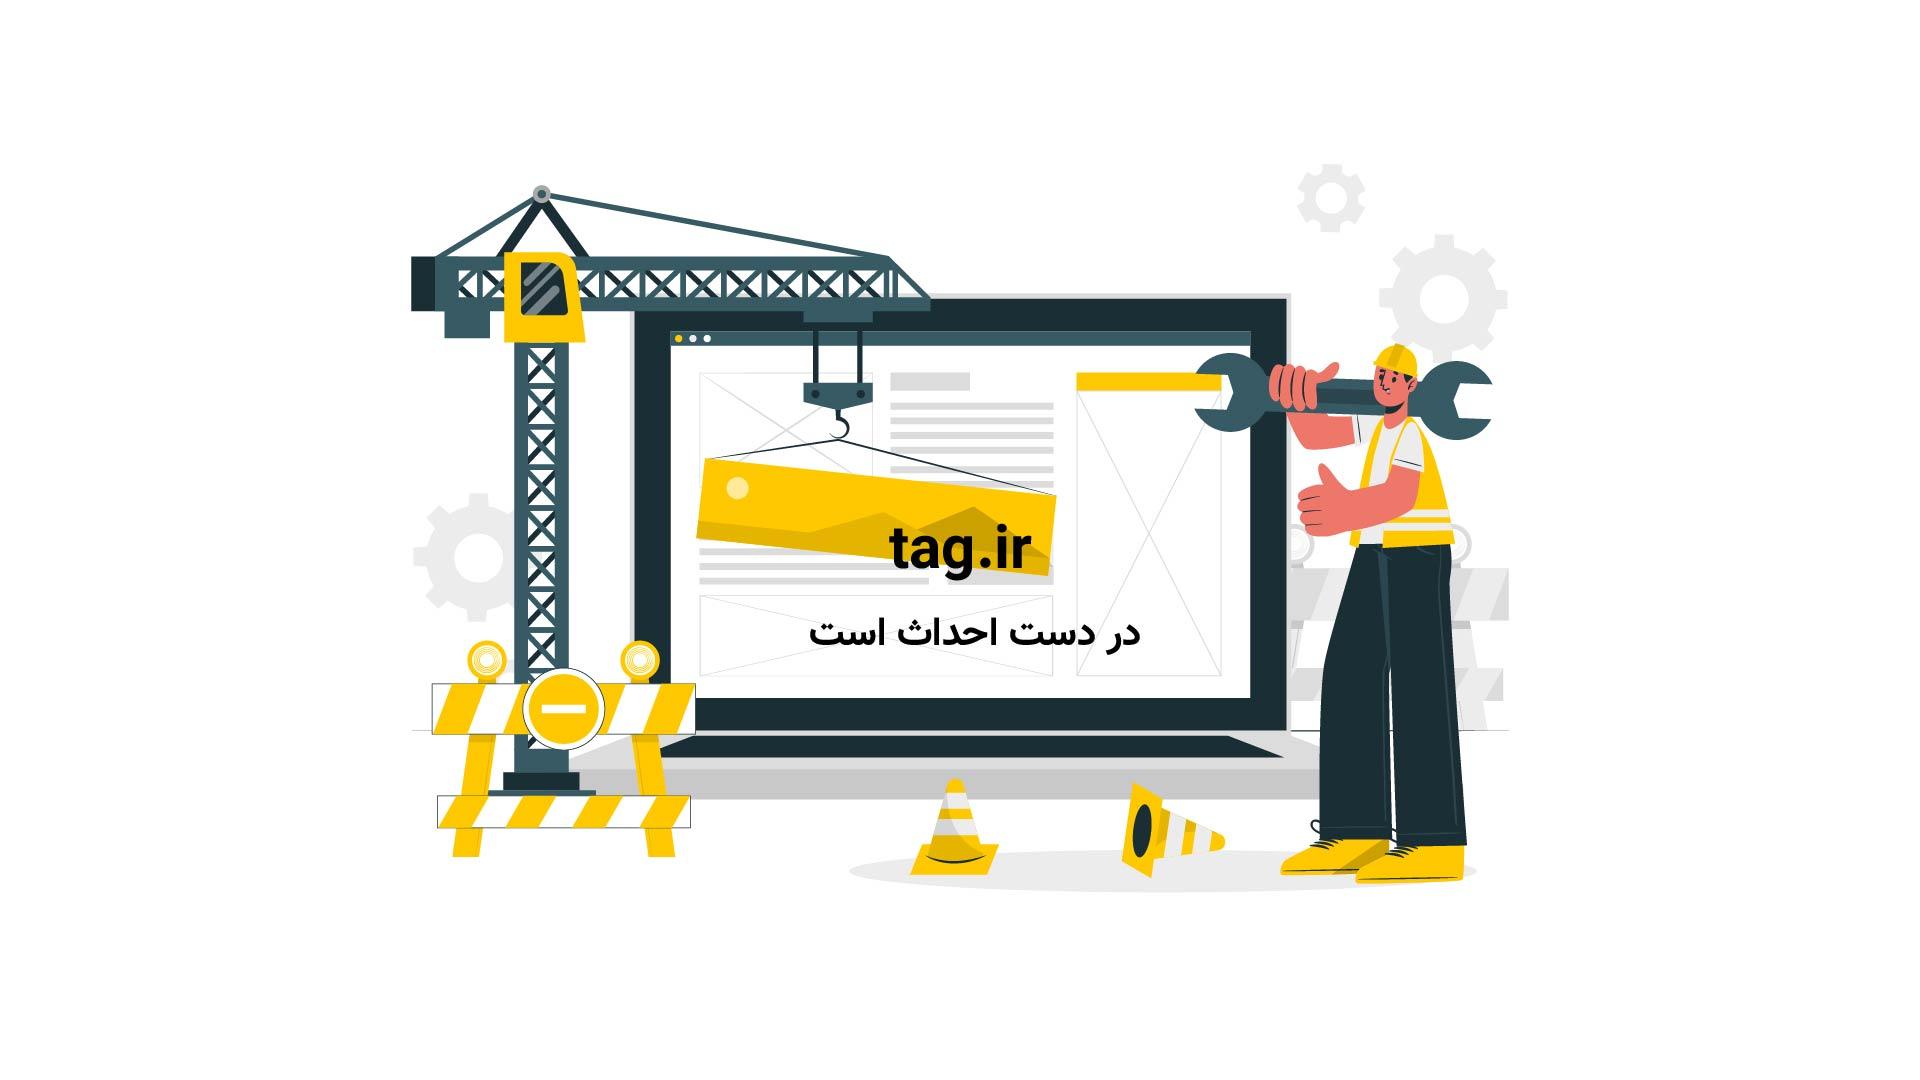 حمام ارگ از آثار تاریخی شهر اراک | فیلم